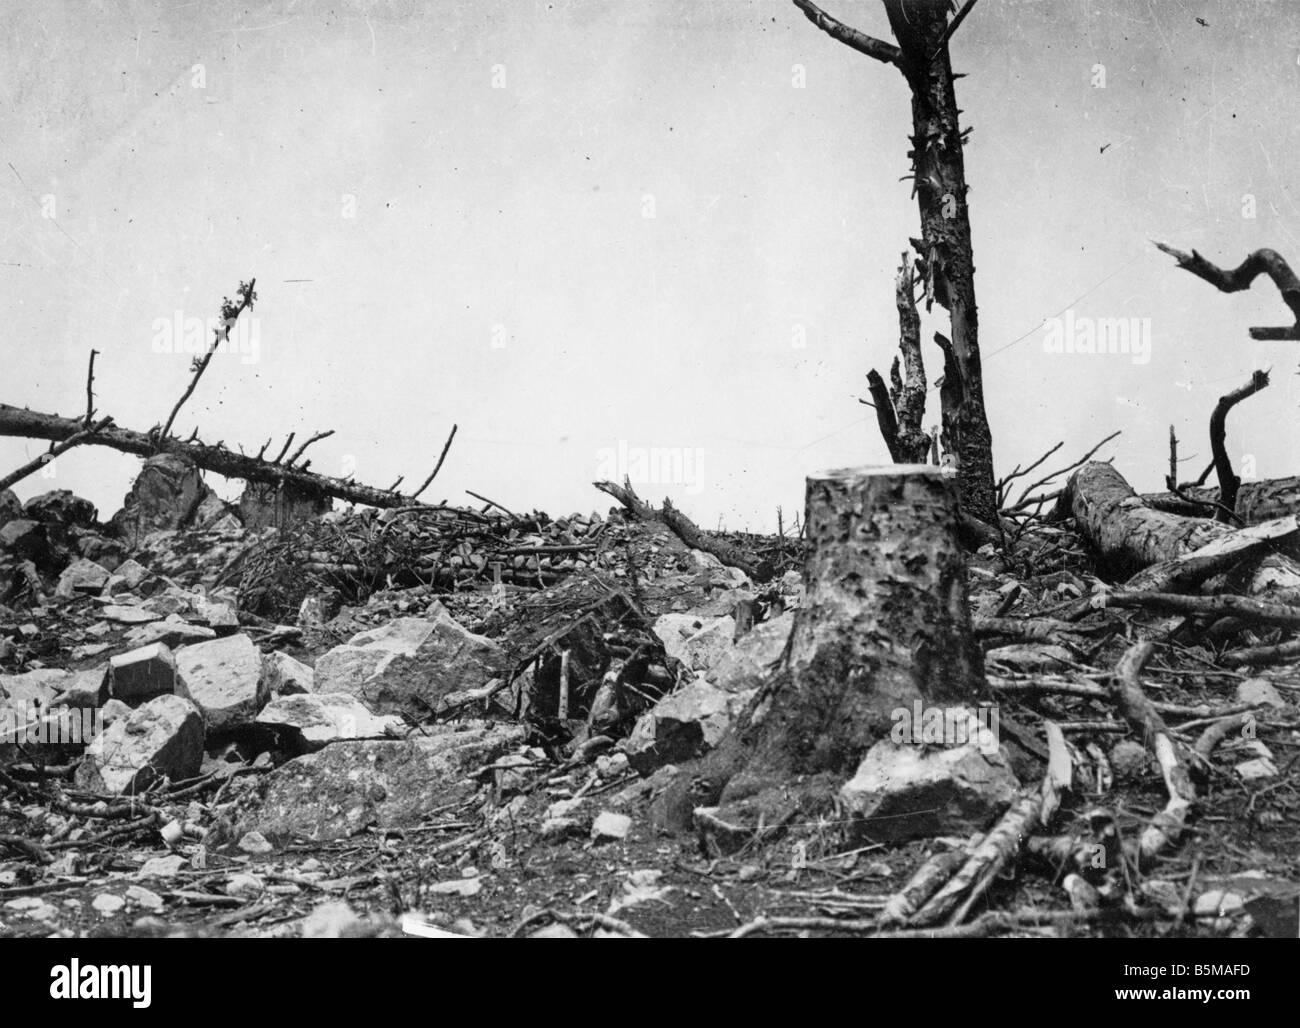 2 G55 W1 1918 25 Hartmannsweilerkopf Foto 1918 Geschichte des 1. Weltkrieges Western front der Hartmannsweilerkopf Stockfoto